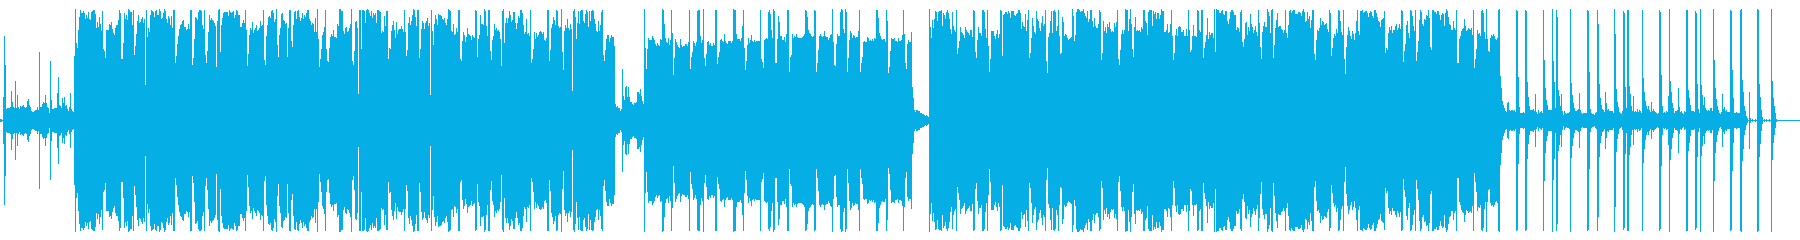 チルいビートのローファイ【Lo-Fi】の再生済みの波形